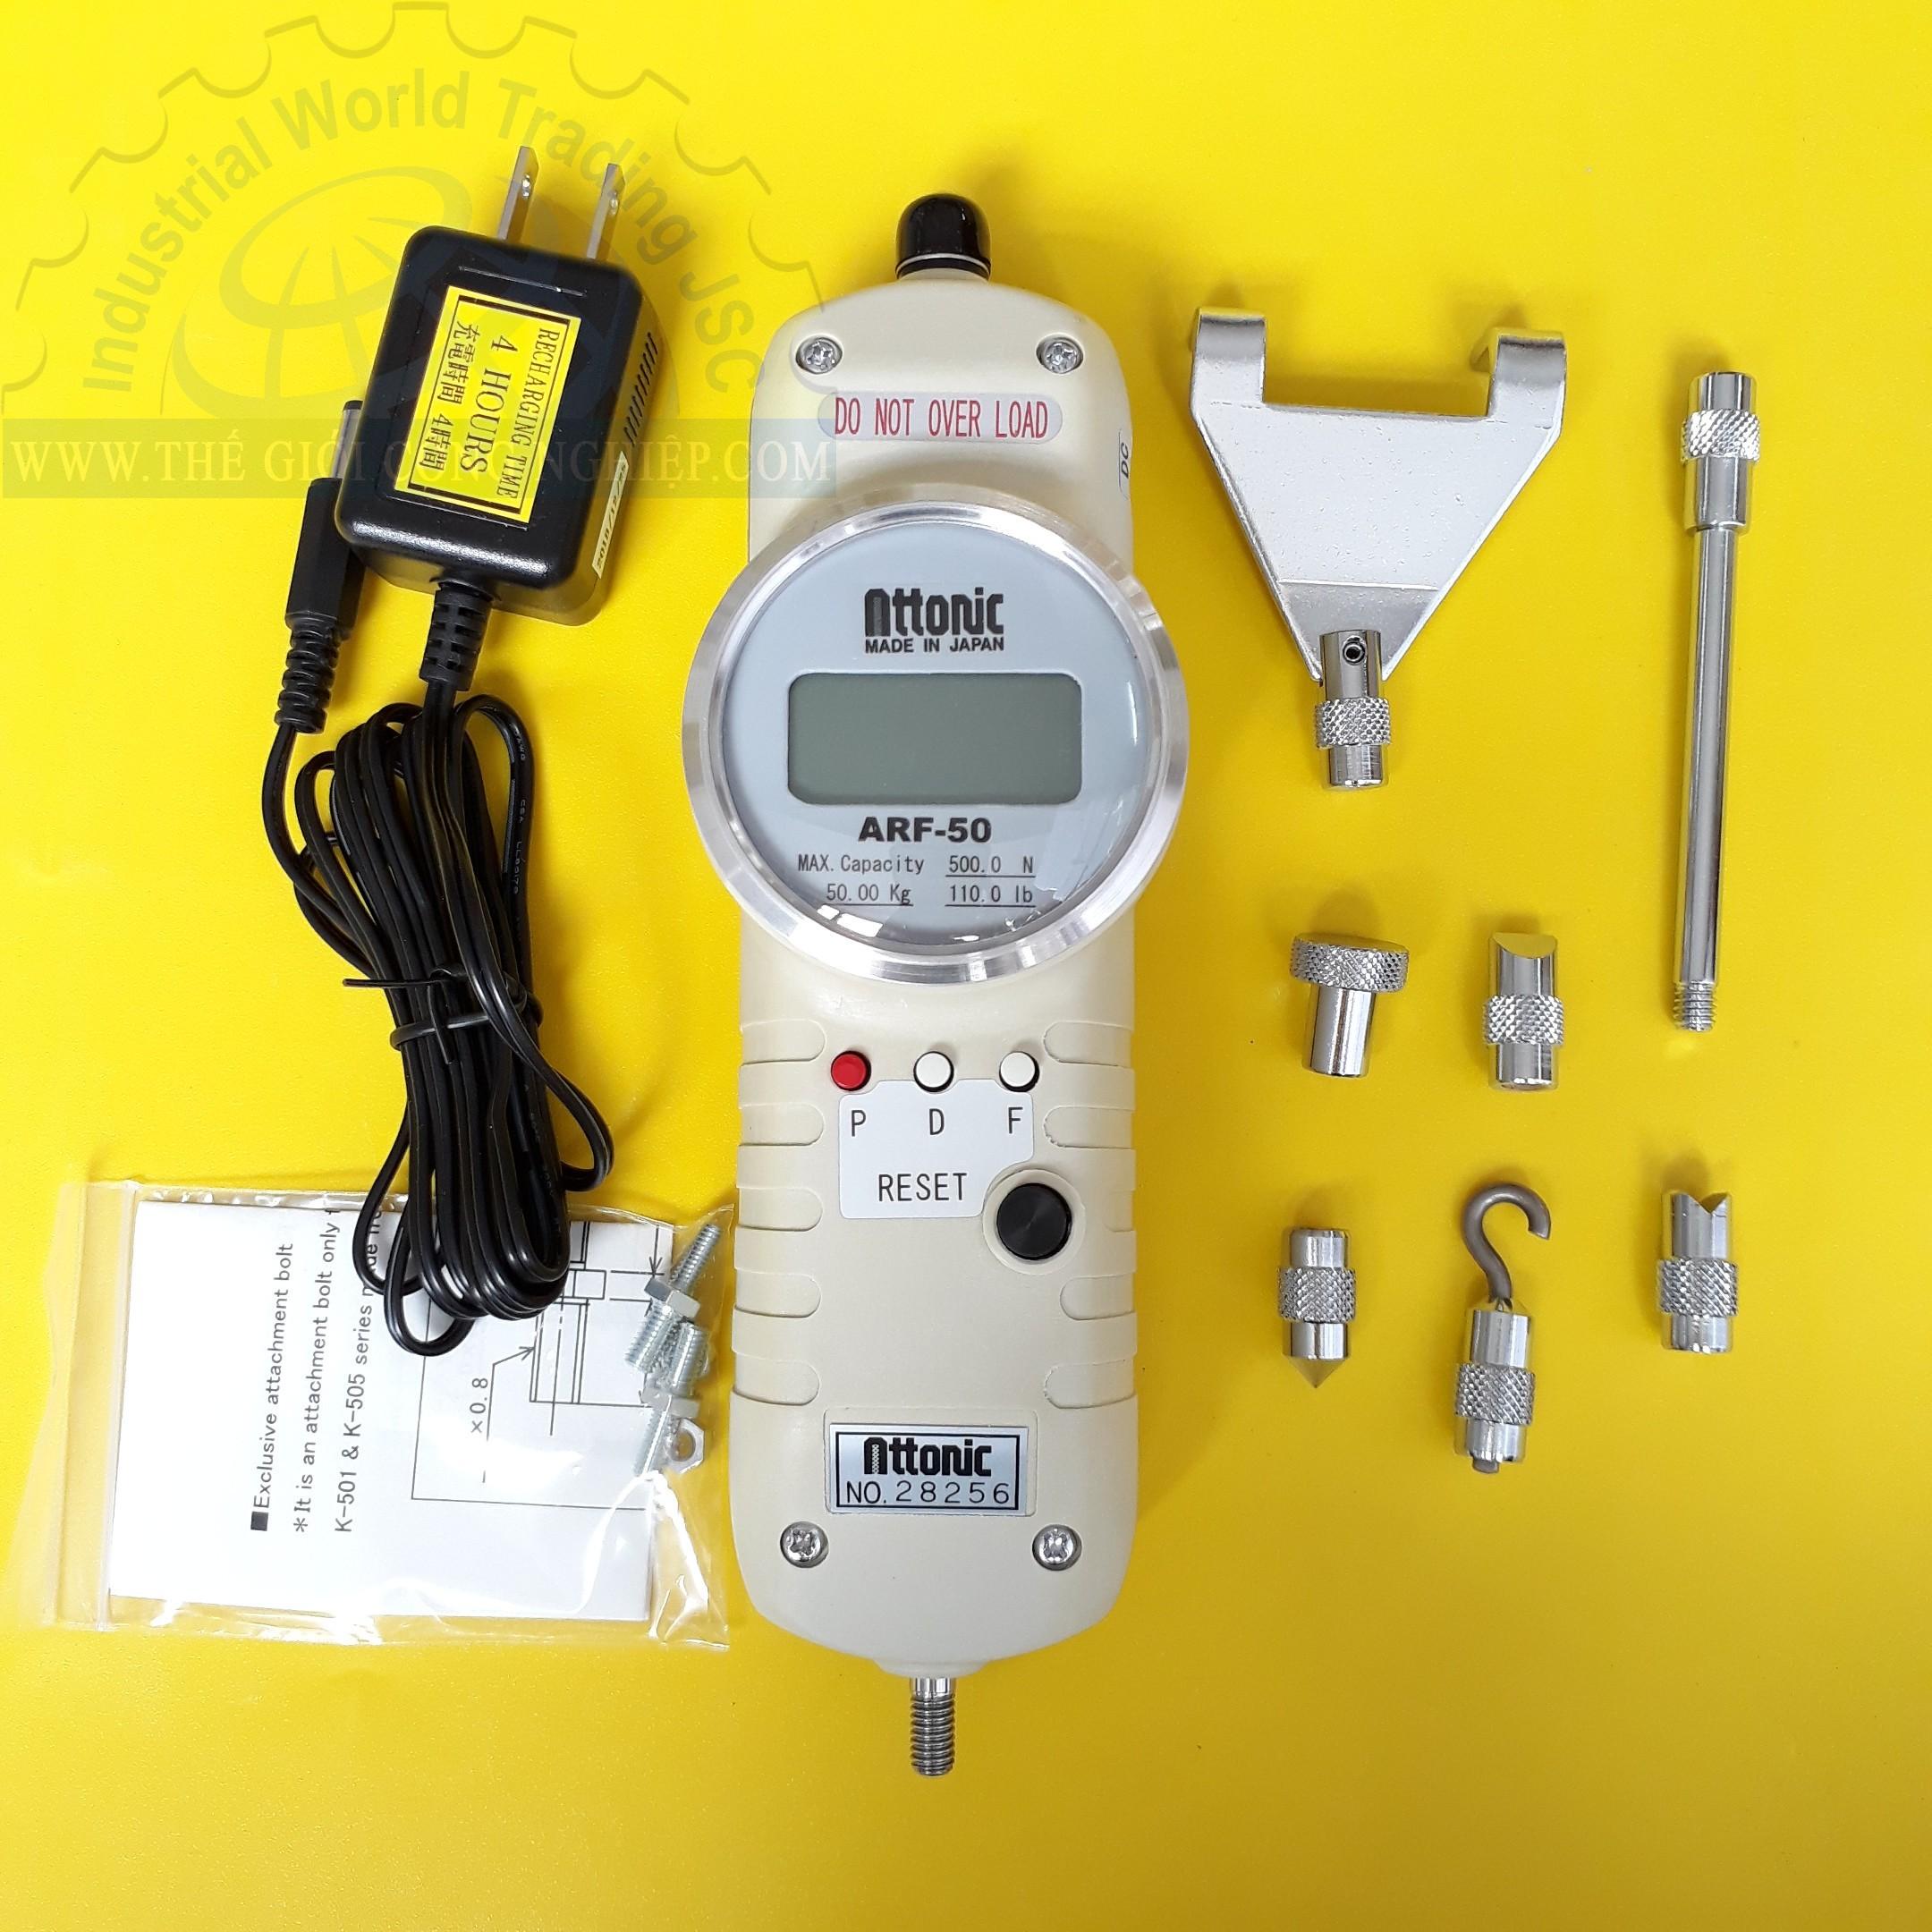 Thiết bị đo lực kéo, đẩy điện tử 500 N/50 kgf digital force gauge ARF-50 ATTONIC